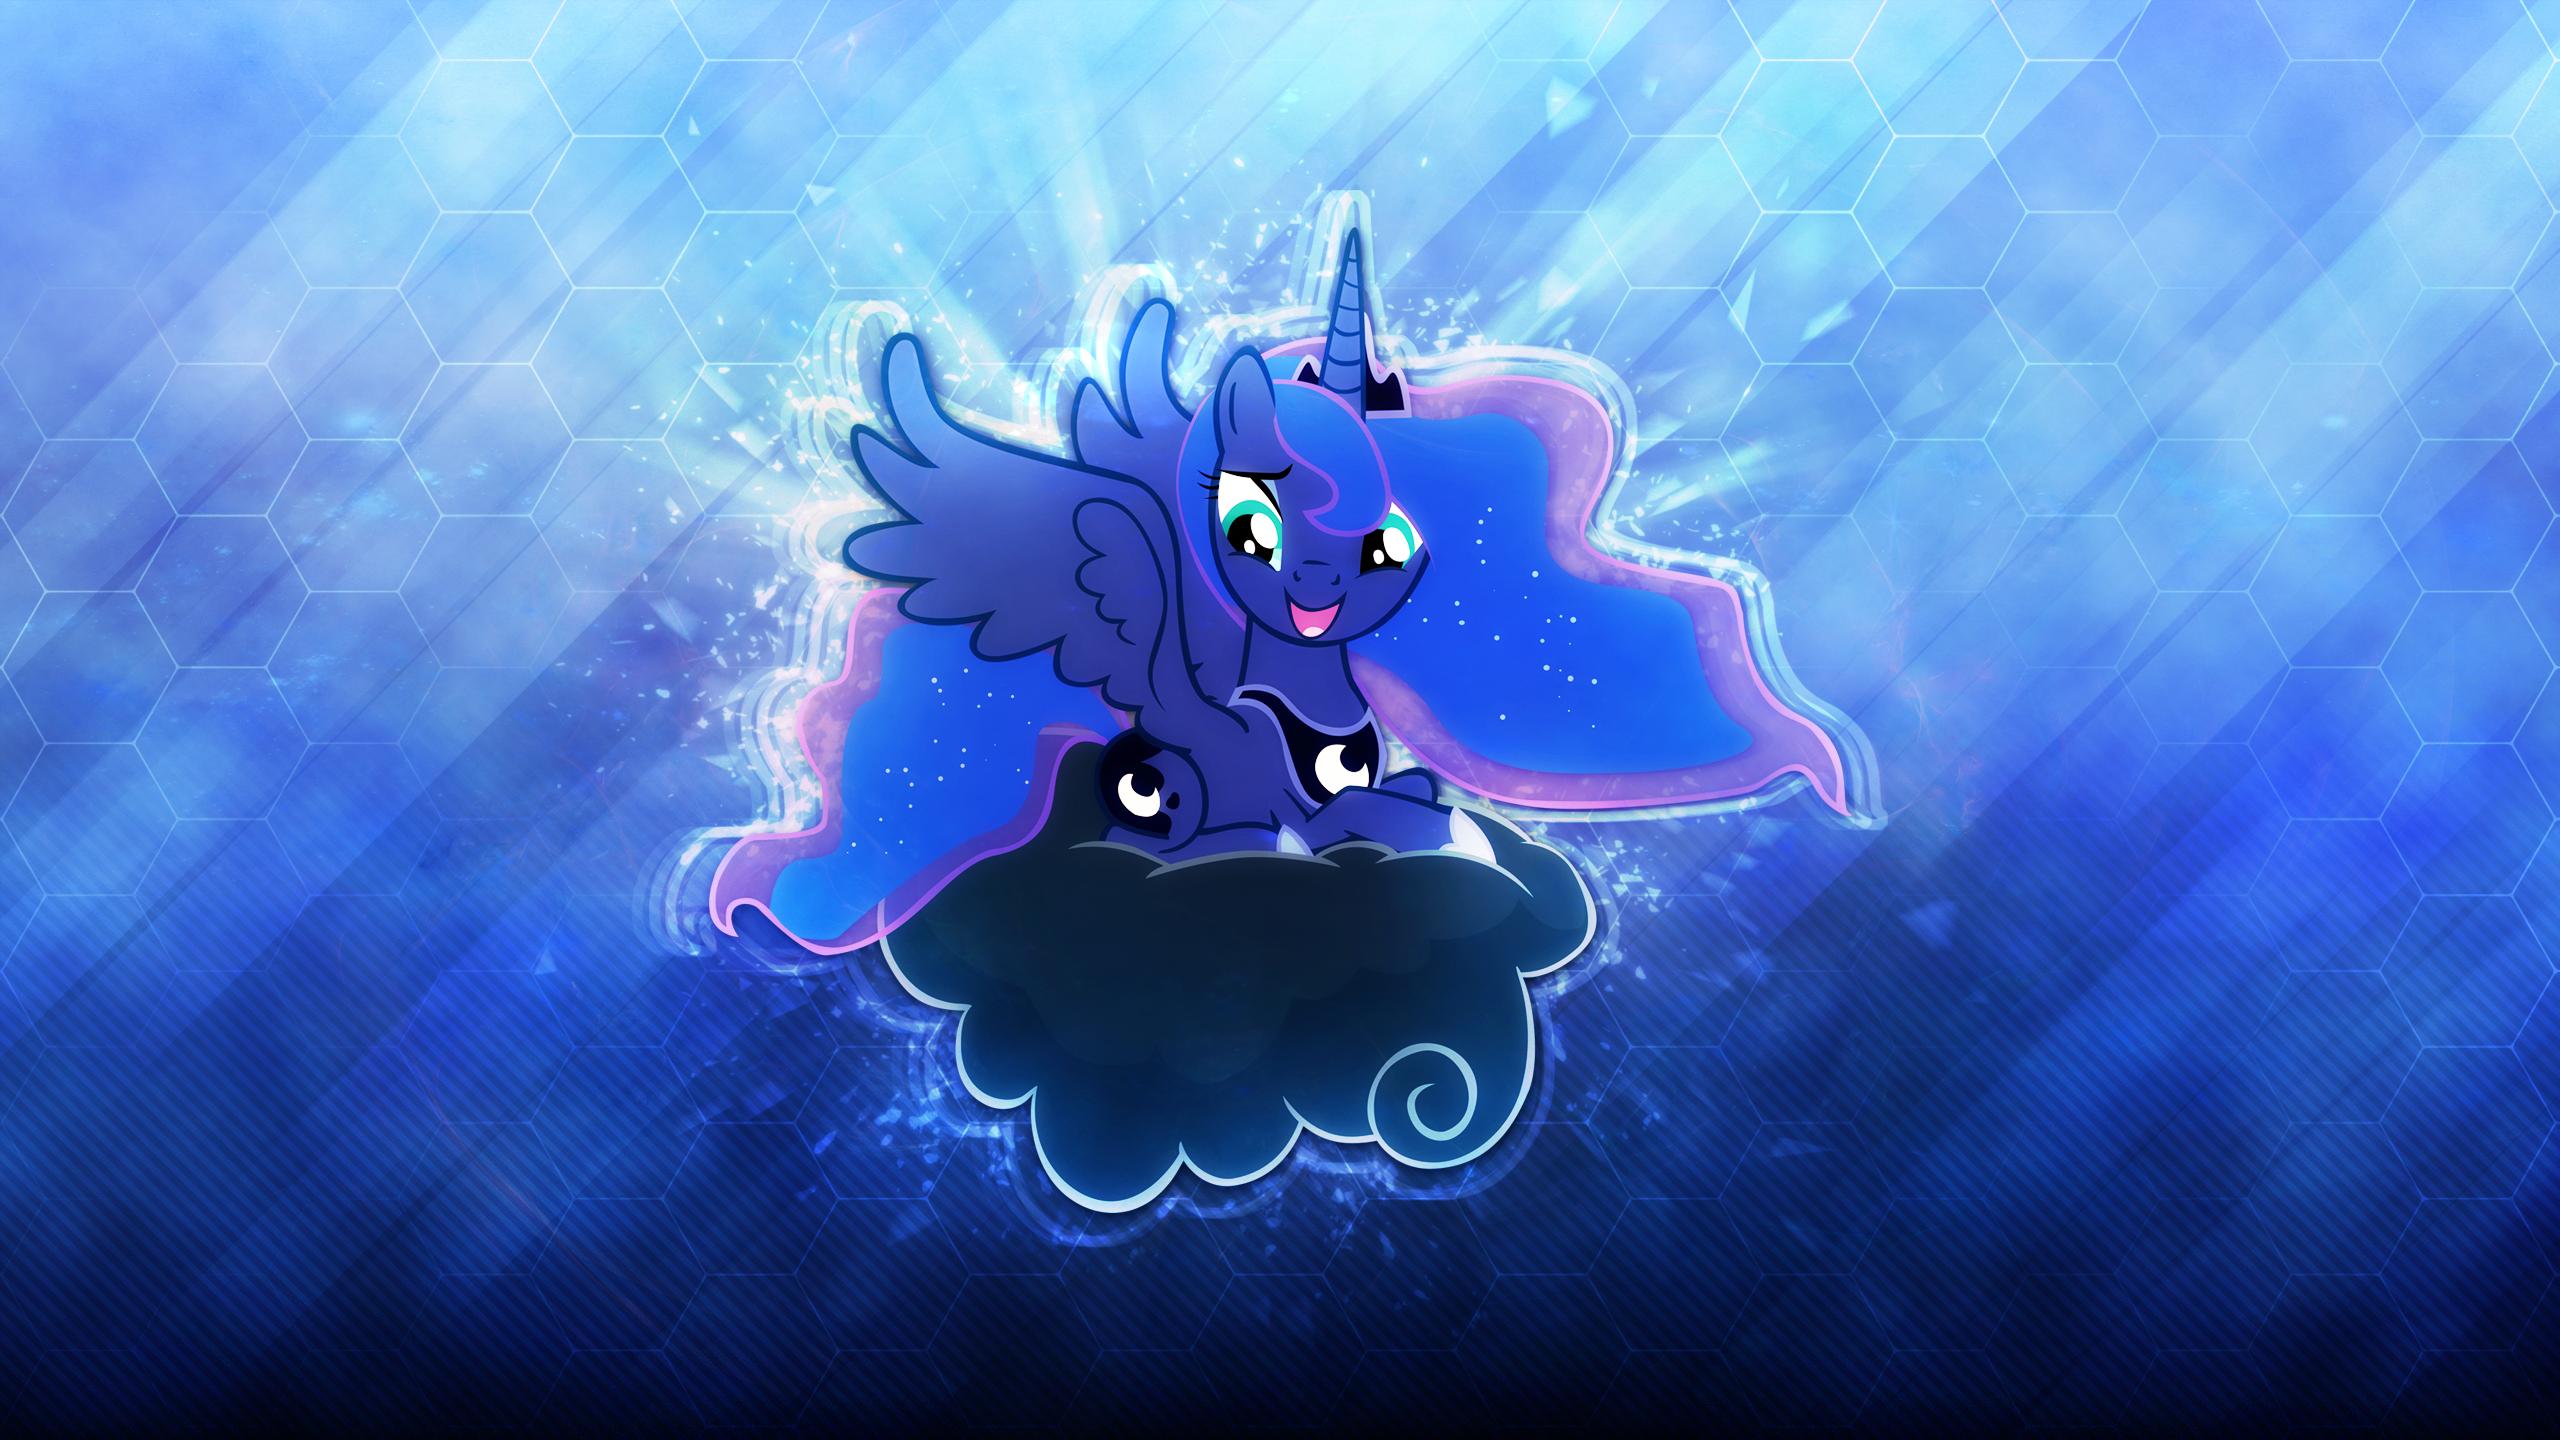 Princess Luna . 2560 x 1440 HD Wallpaper